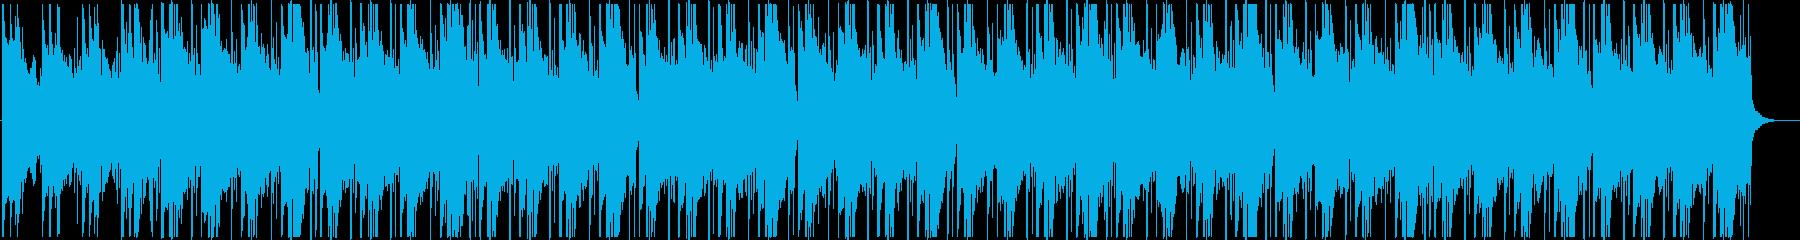 チルアウト 切ないR&Bバラードの再生済みの波形